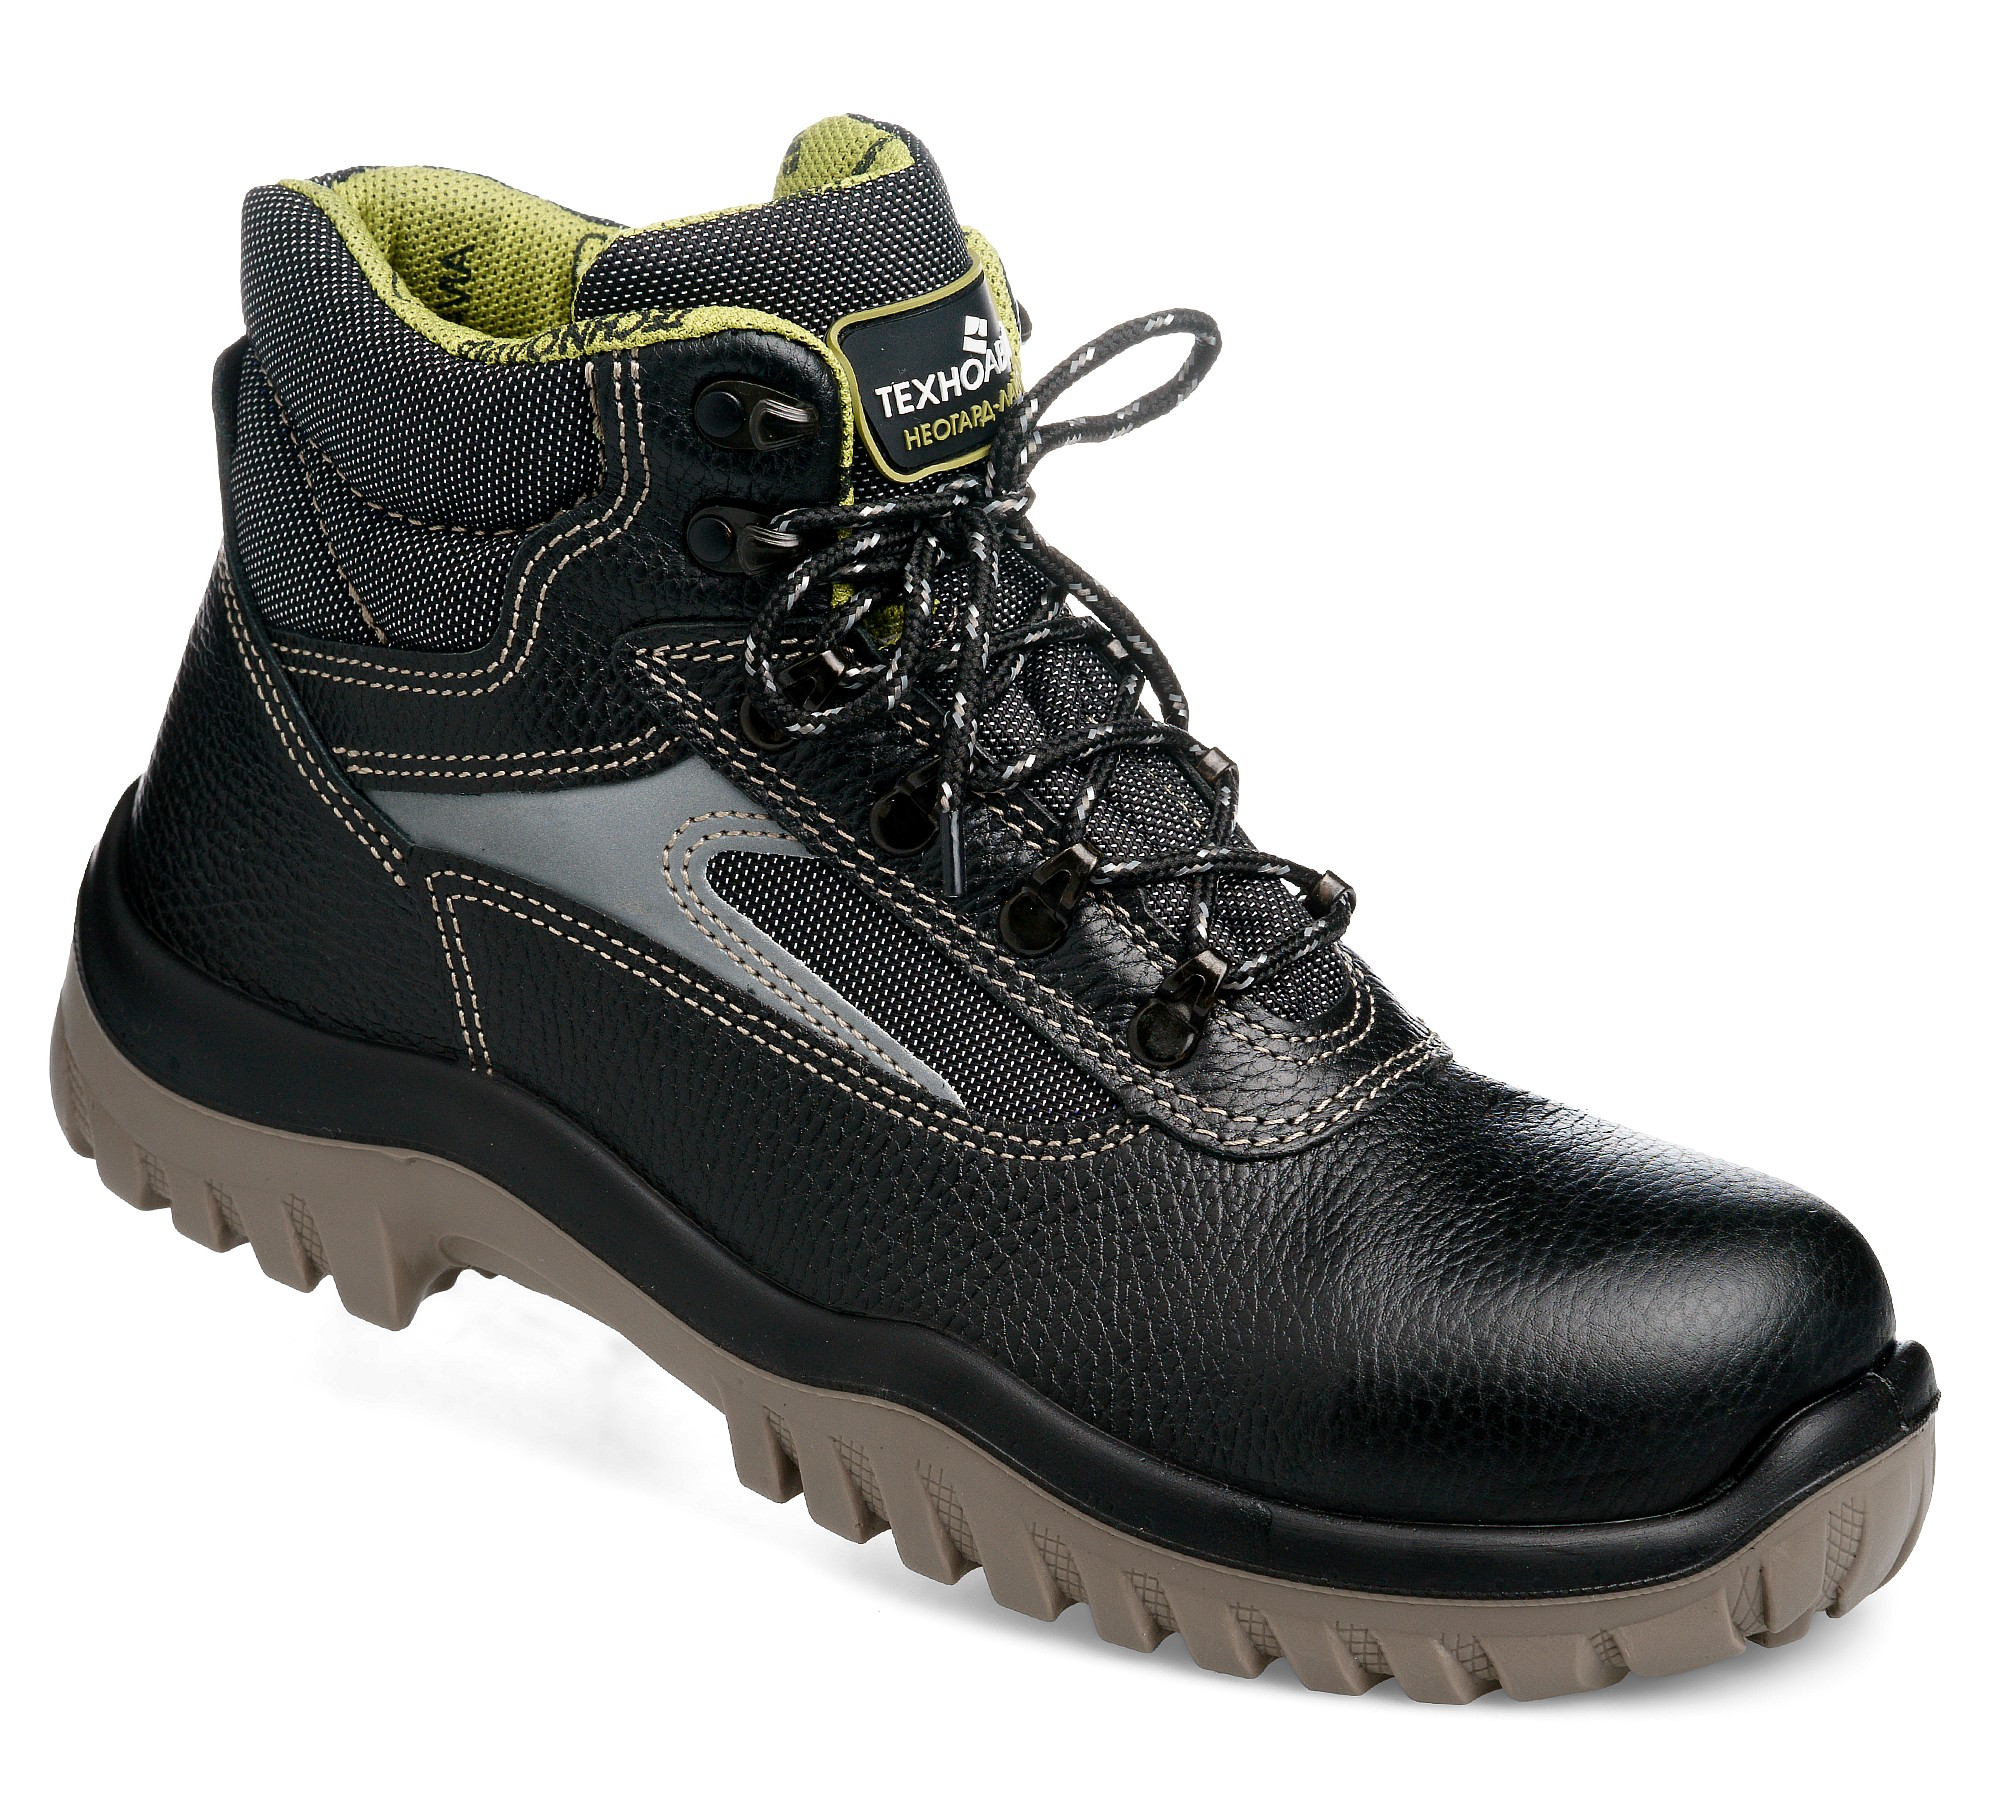 42826835b Ботинки мужские кожаные Неогард-Лайт® :: Техноавиа